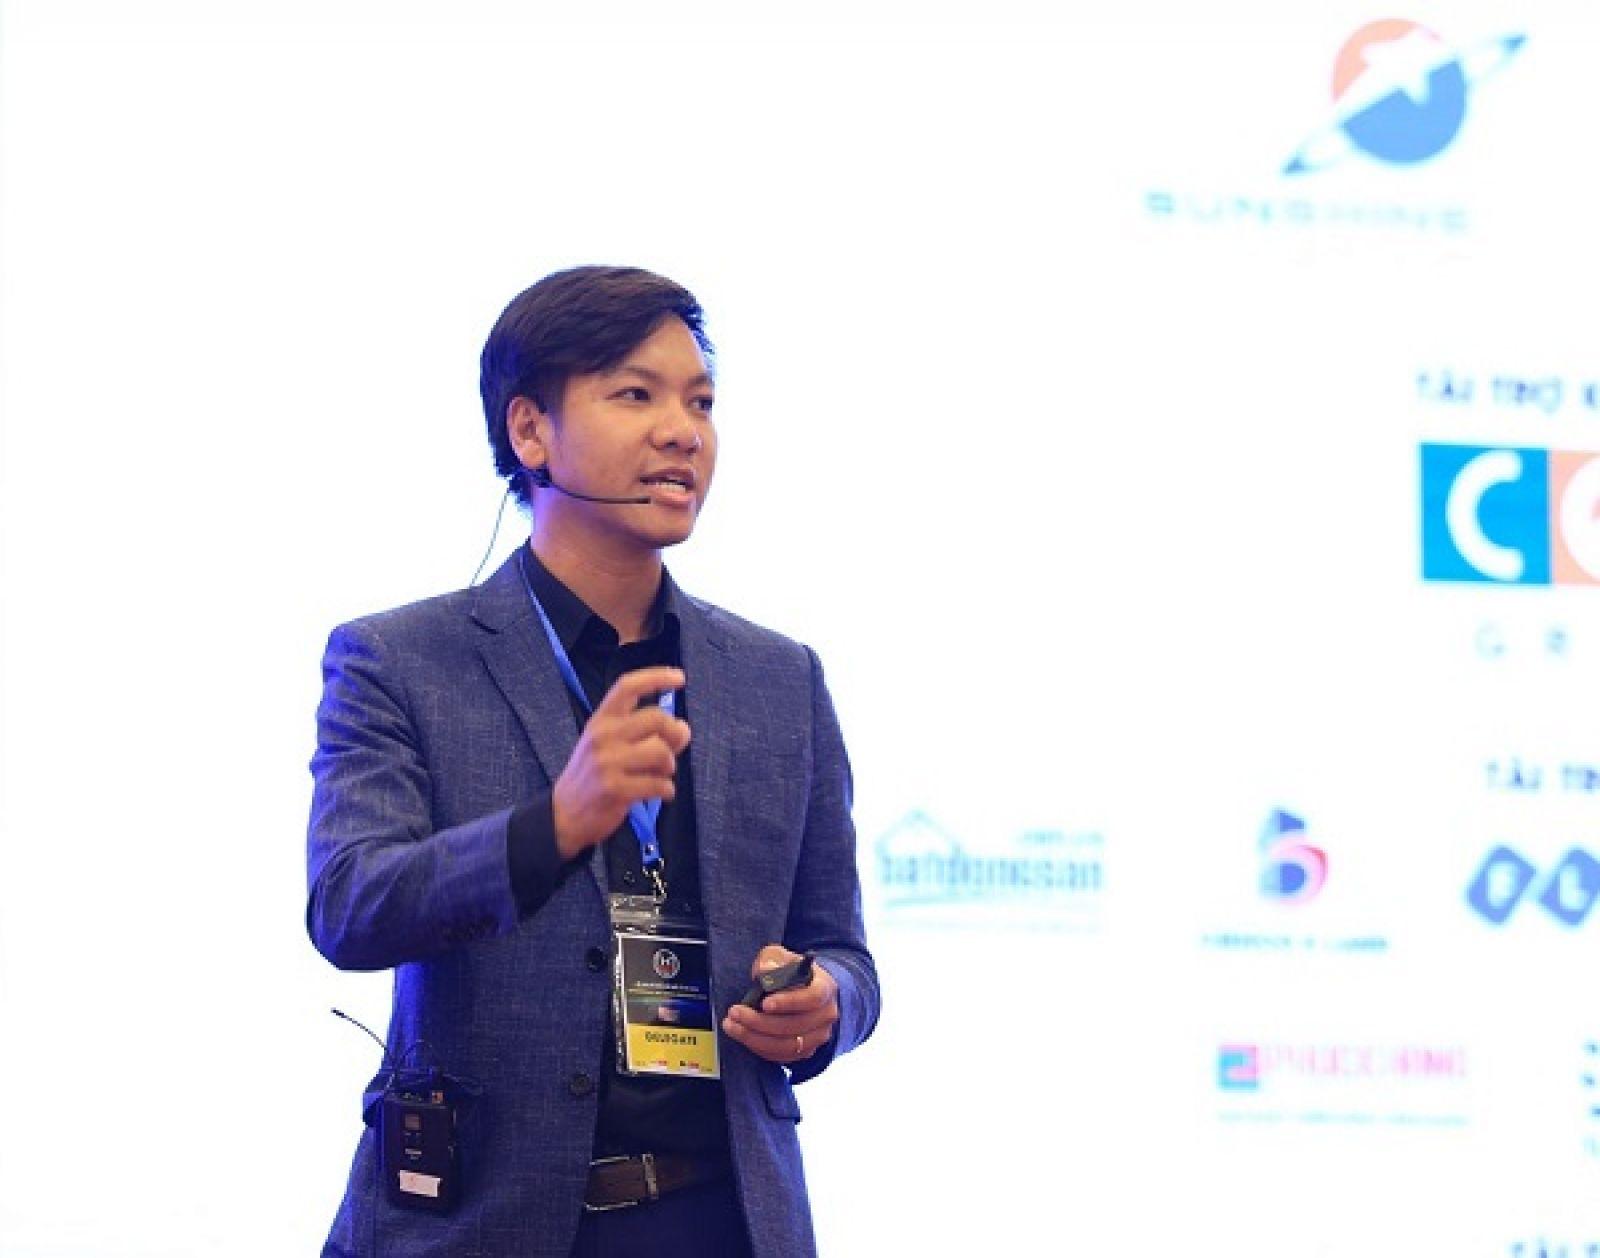 Lê Hoàng Nhật, đồng sáng lập kiêm CEO công ty công nghệ Ami. Ảnh: khoinghiep.org.vn